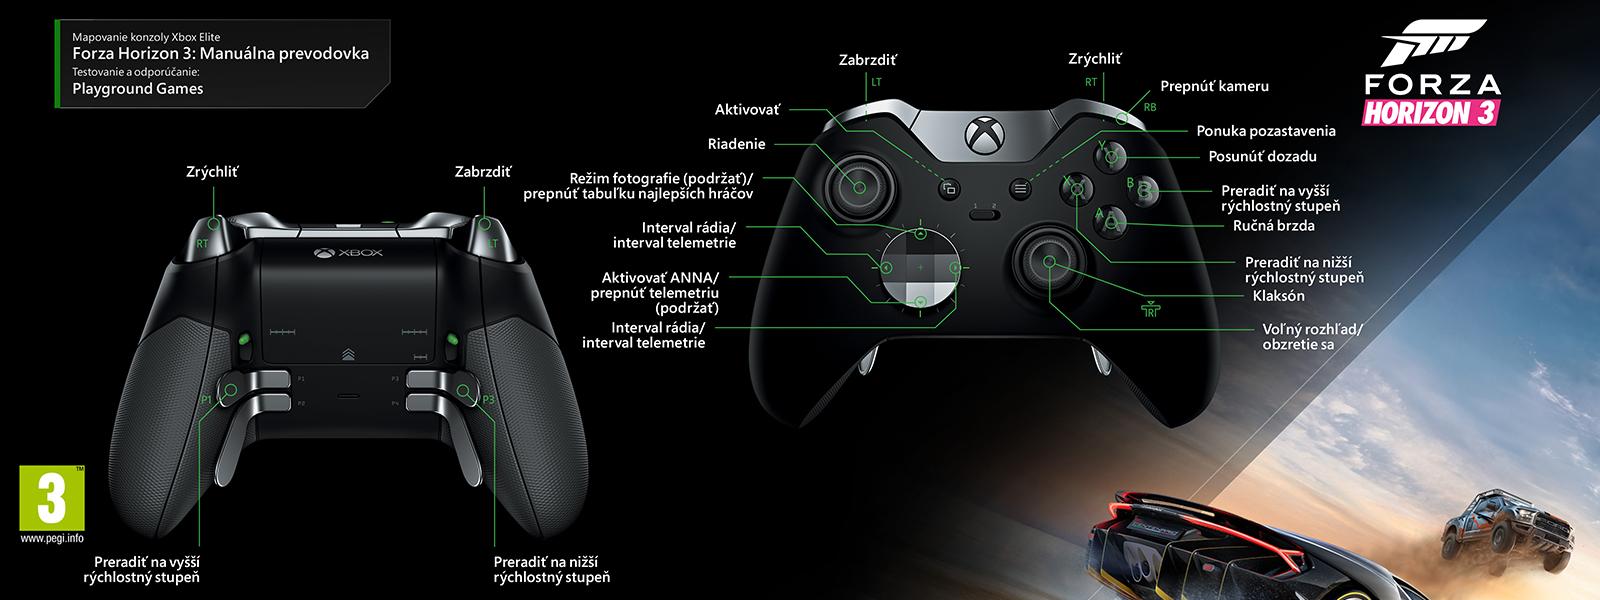 Mapovanie ovládača Elite na manuálny prevod v hre Forza Horizon 3